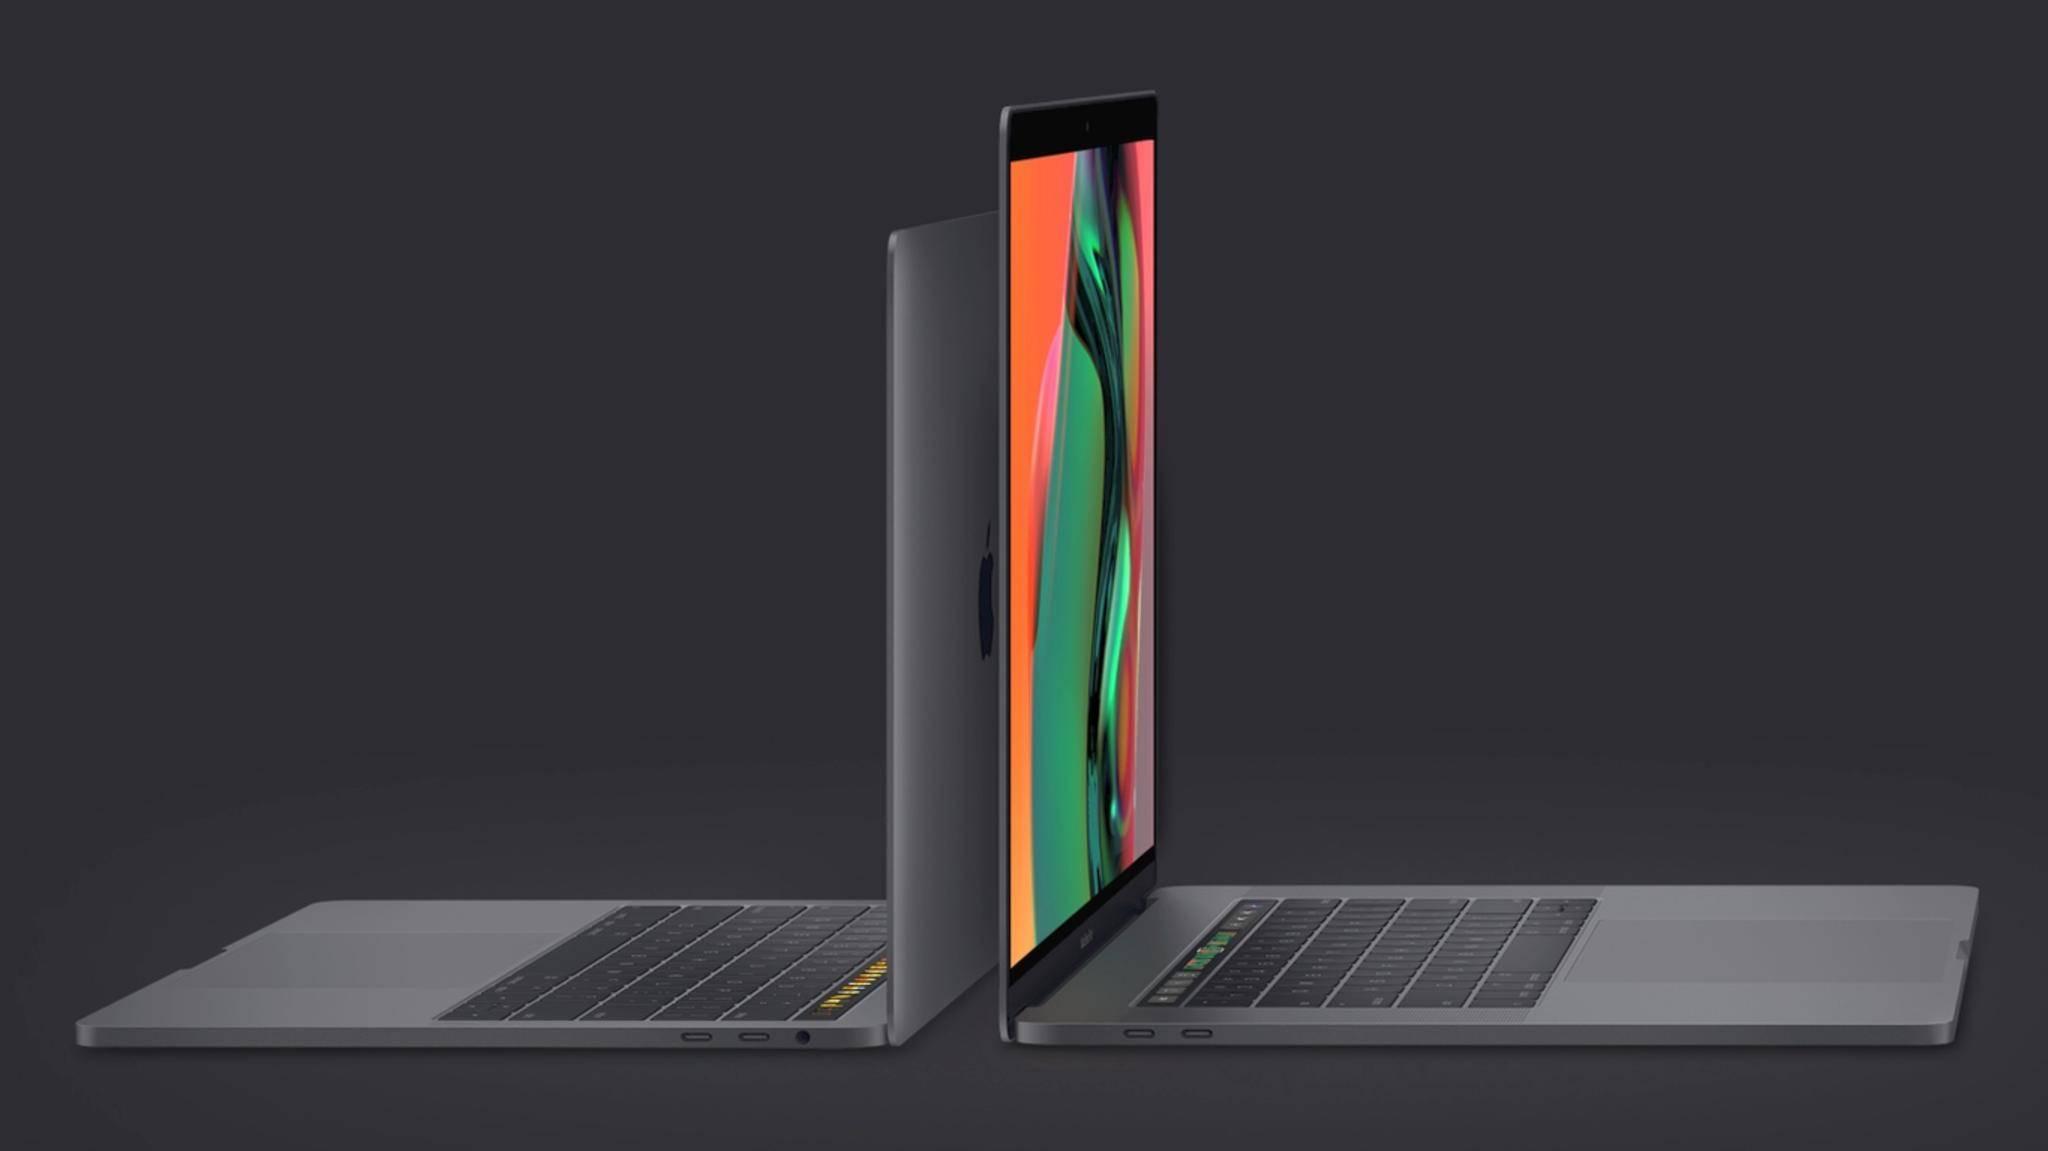 Bei den neuen MacBook-Pro-Modellen steigt vor allem die Prozessorleistung.